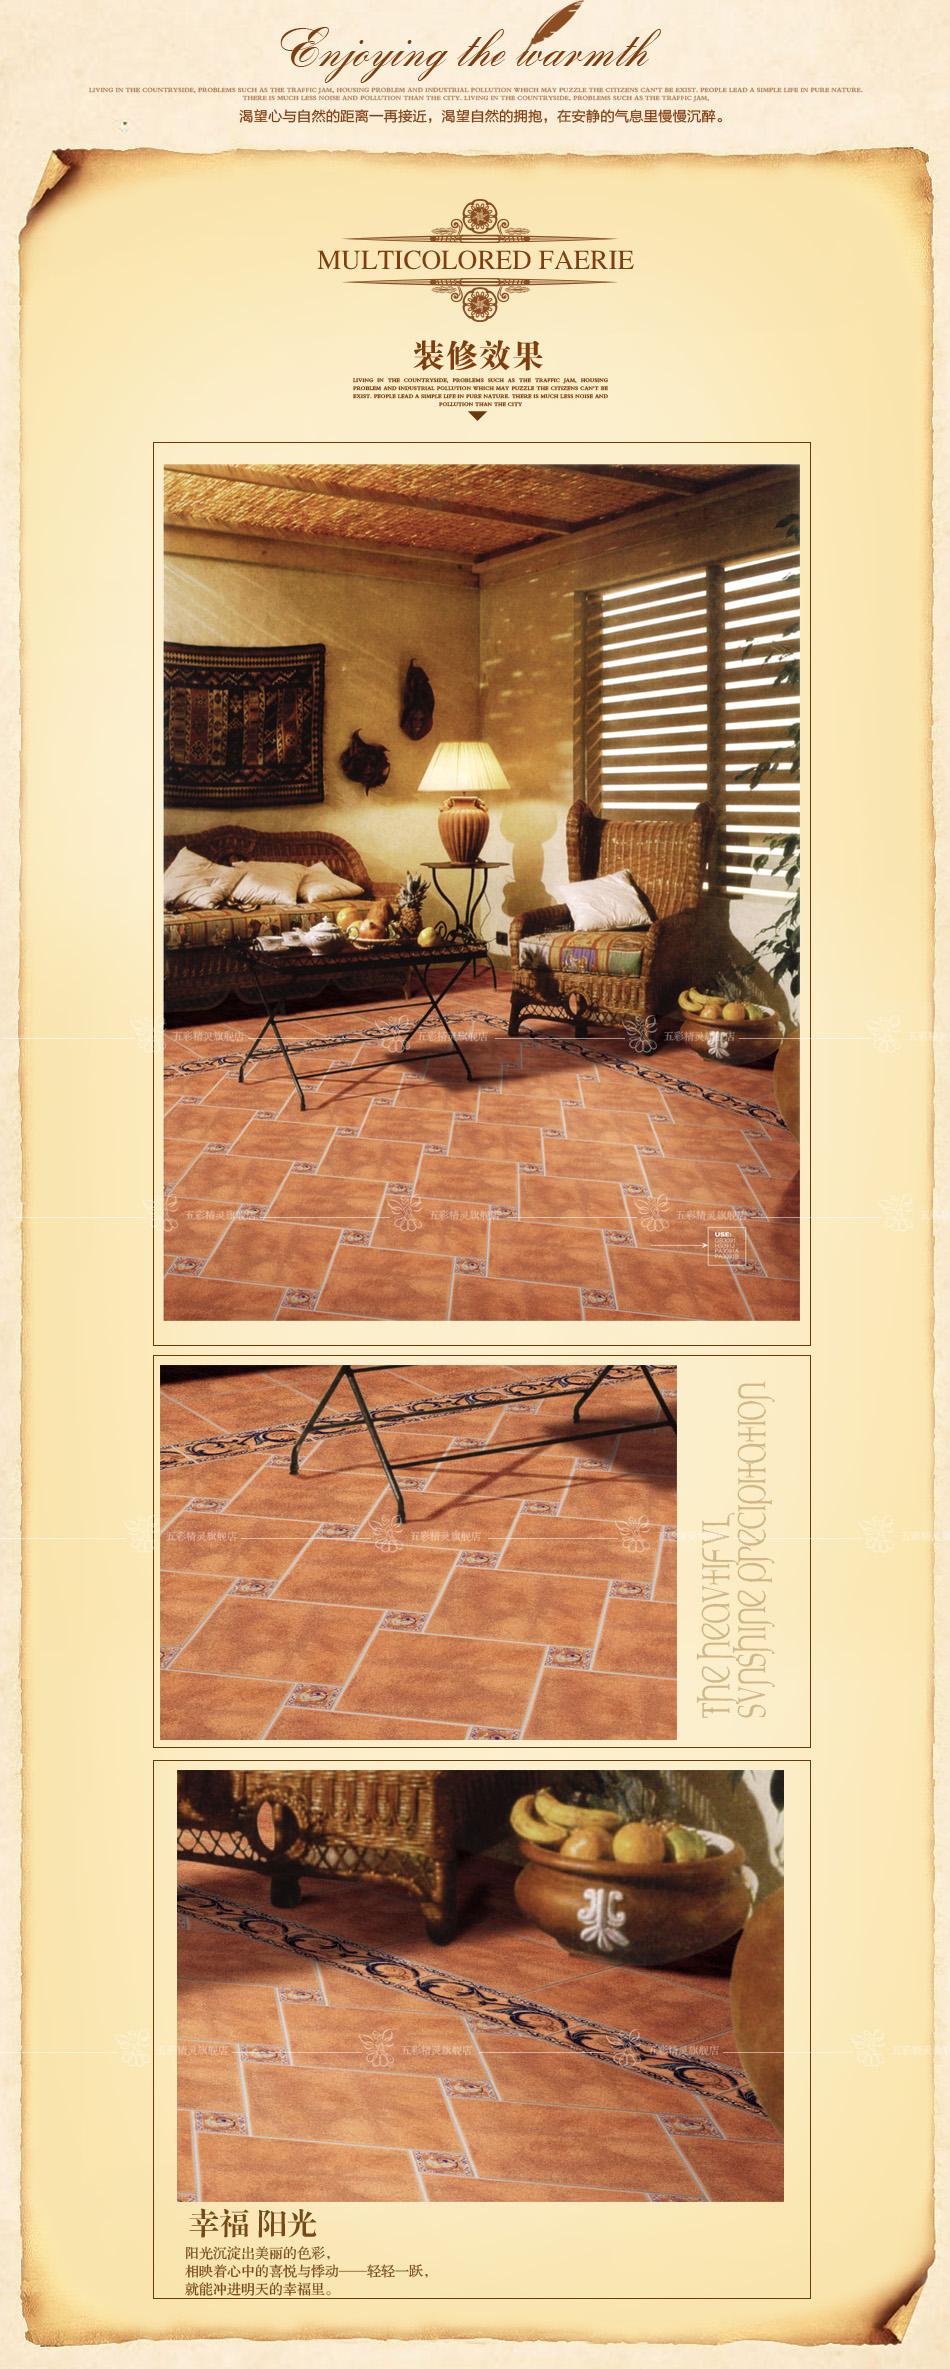 五彩精灵仿古砖 美式乡村风格 瓷砖配件 地花线 厨房卫生间 阳台 玄关图片